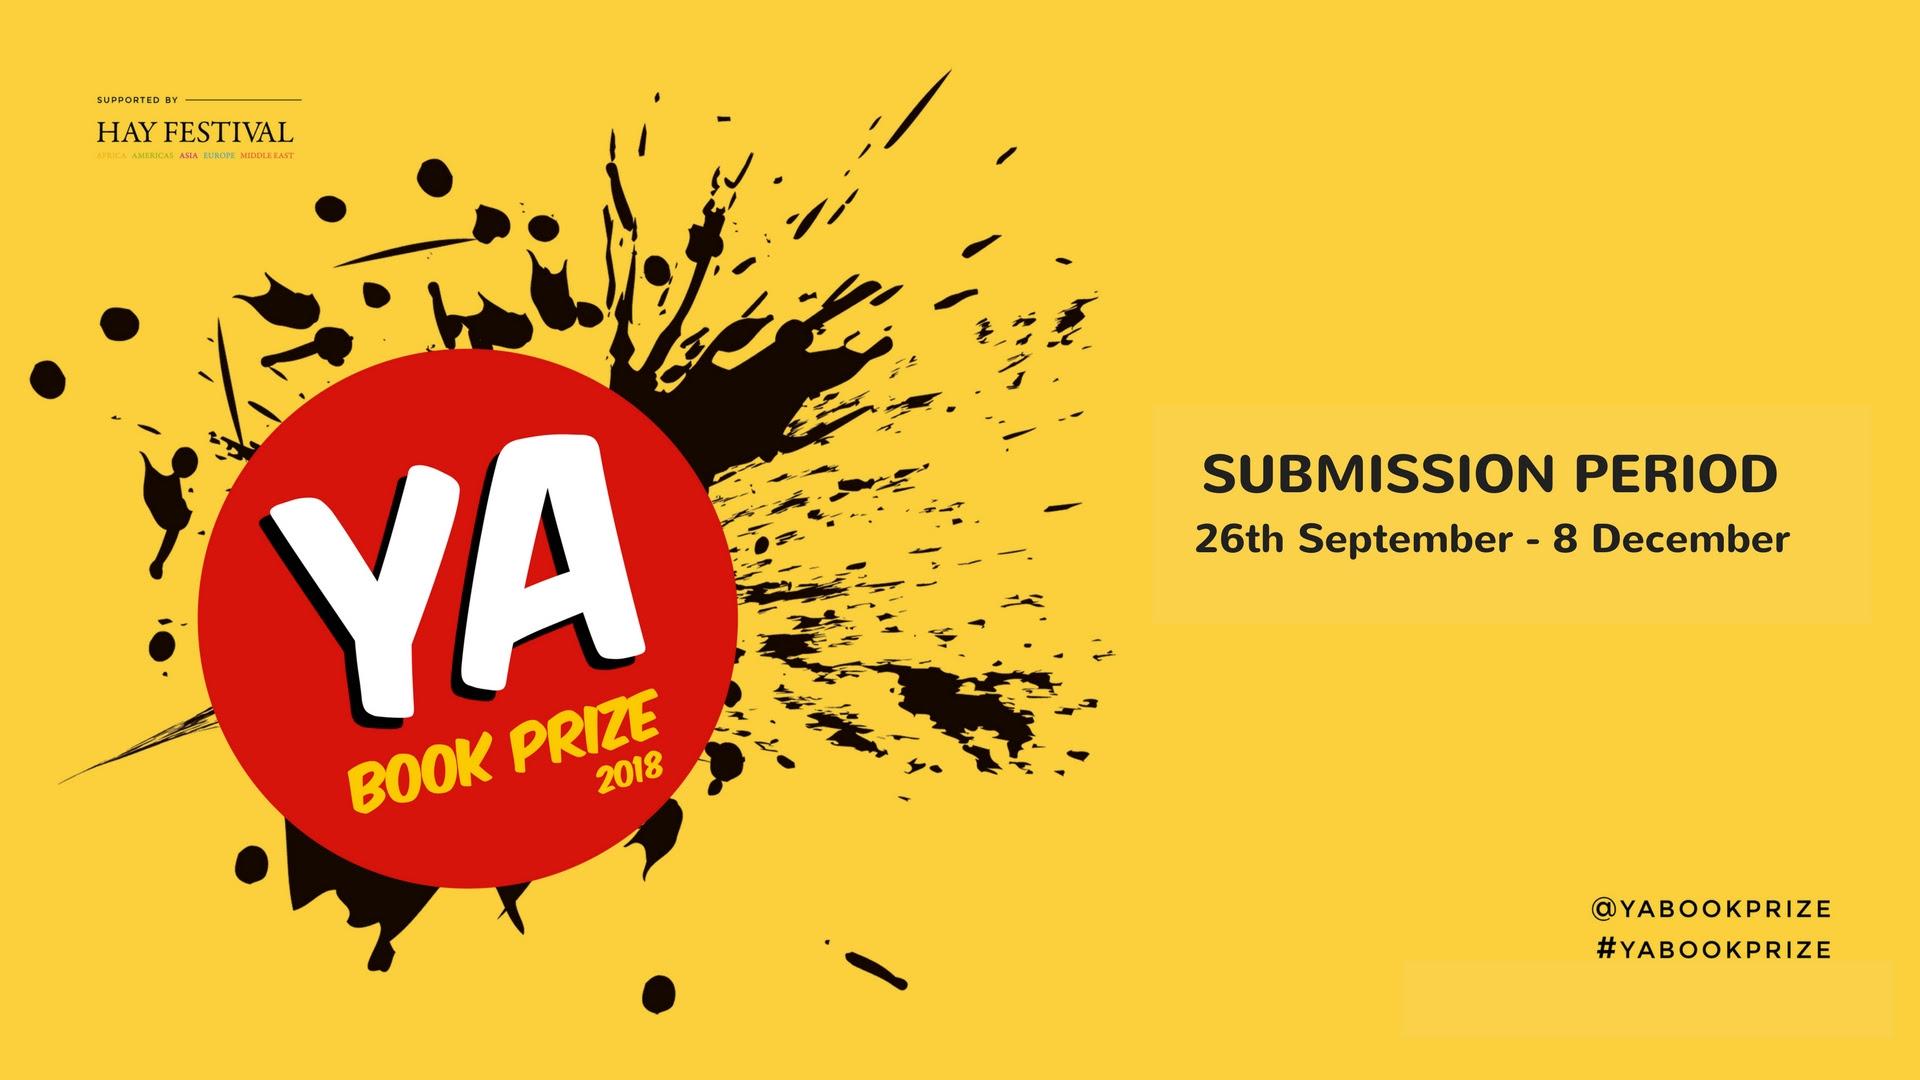 Literary prizes 2018 uk draft